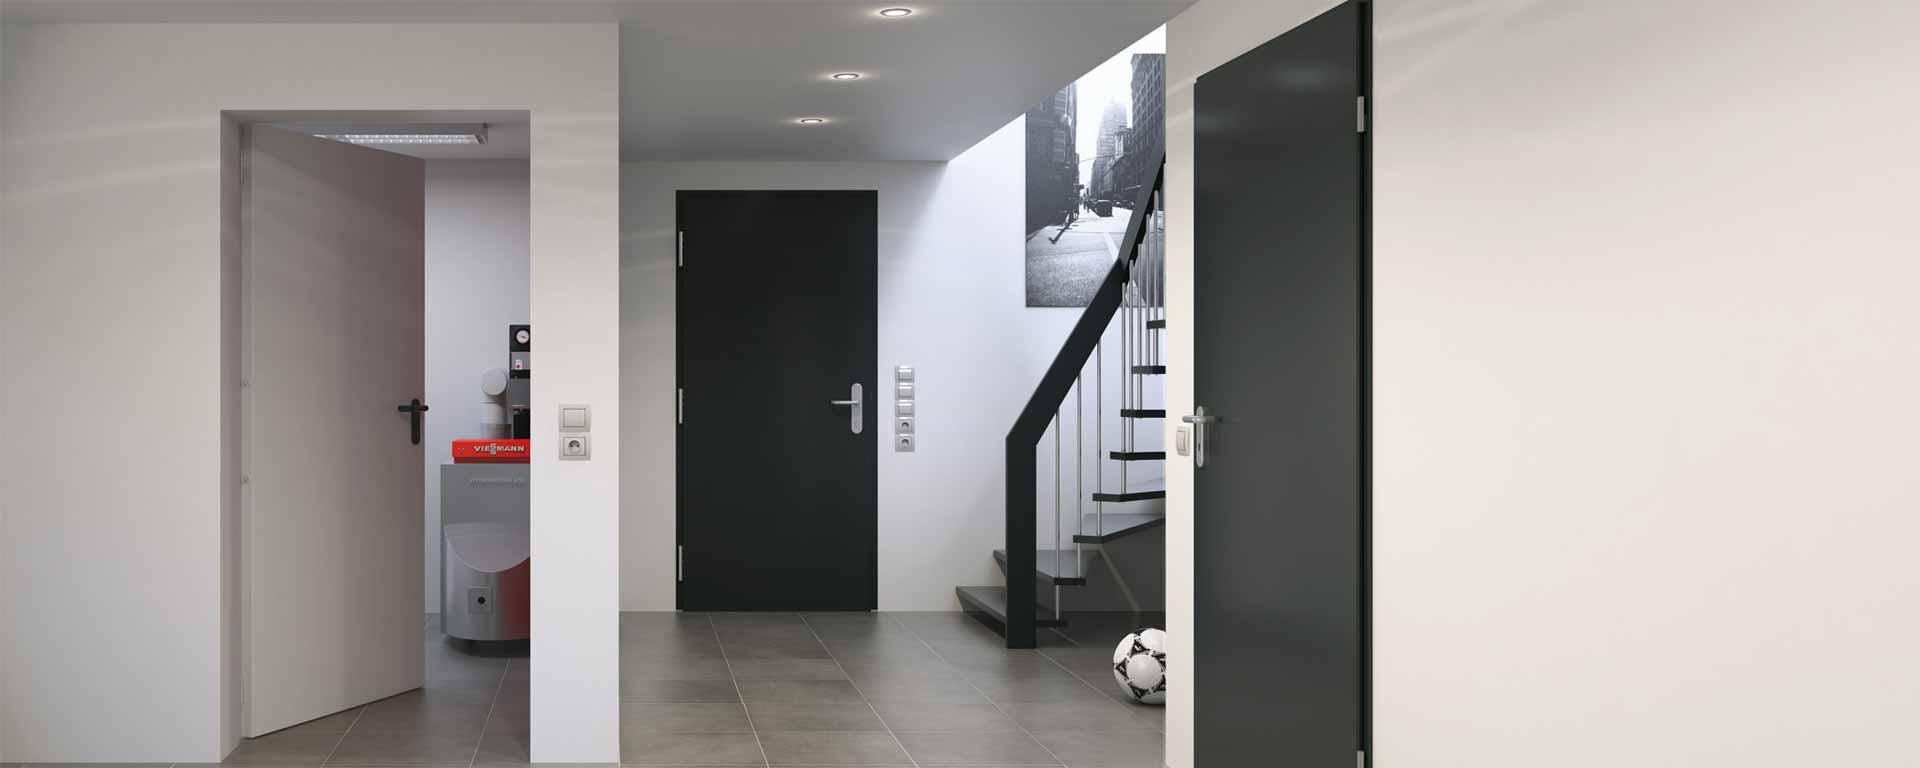 Двери hormann (24 фото): боковые немецкие двери, межкомнатные и входные варианты, отзывы покупателей